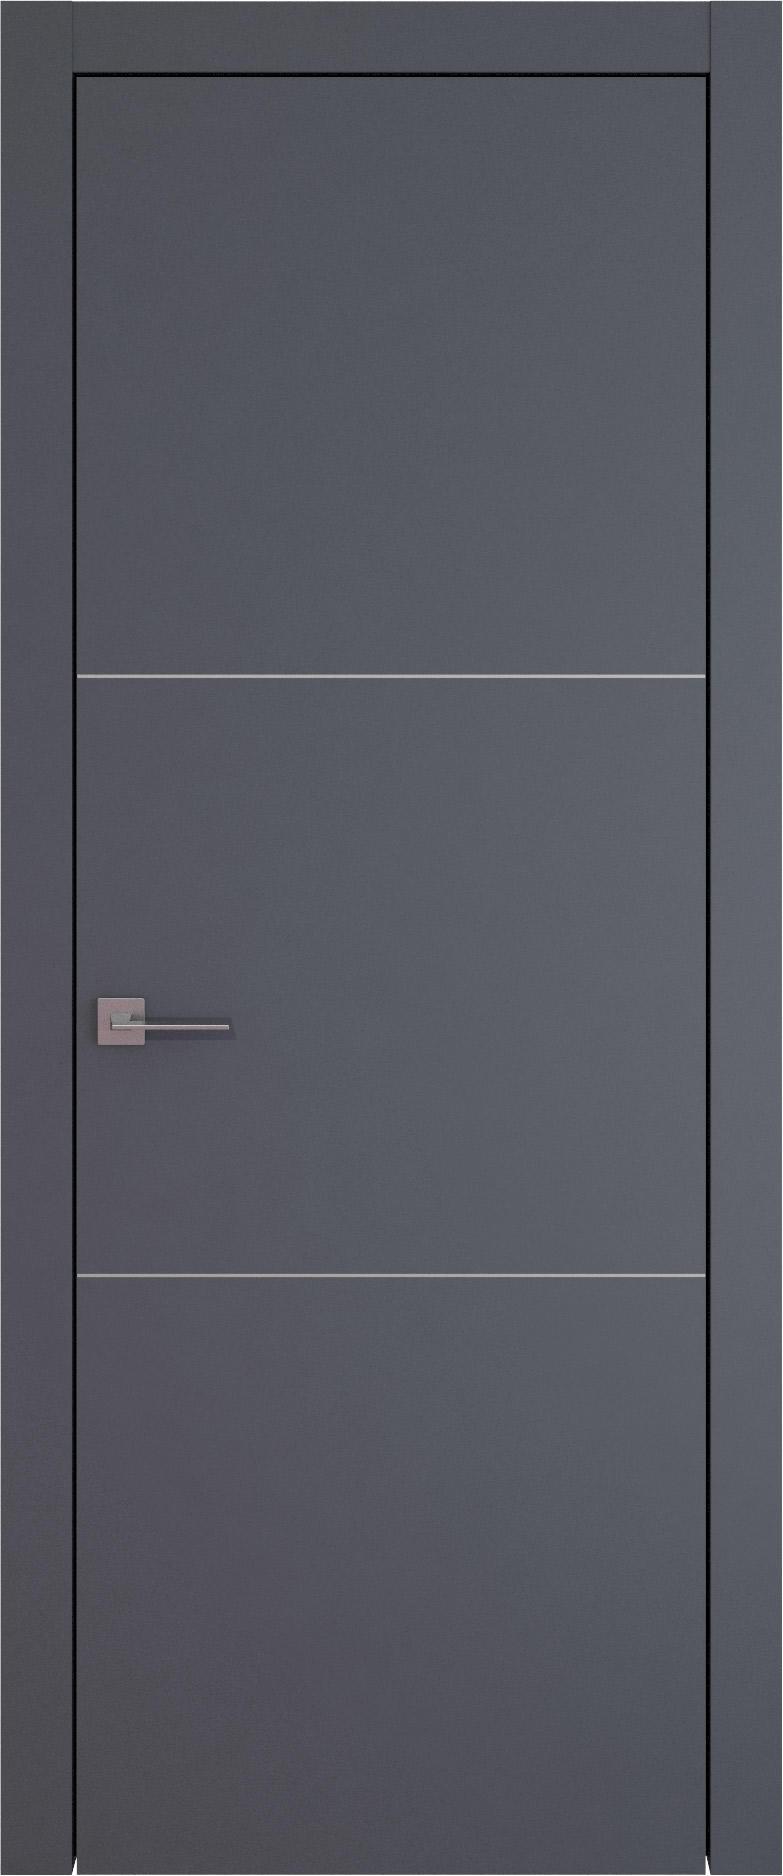 Tivoli В-3 цвет - Графитово-серая эмаль (RAL 7024) Без стекла (ДГ)